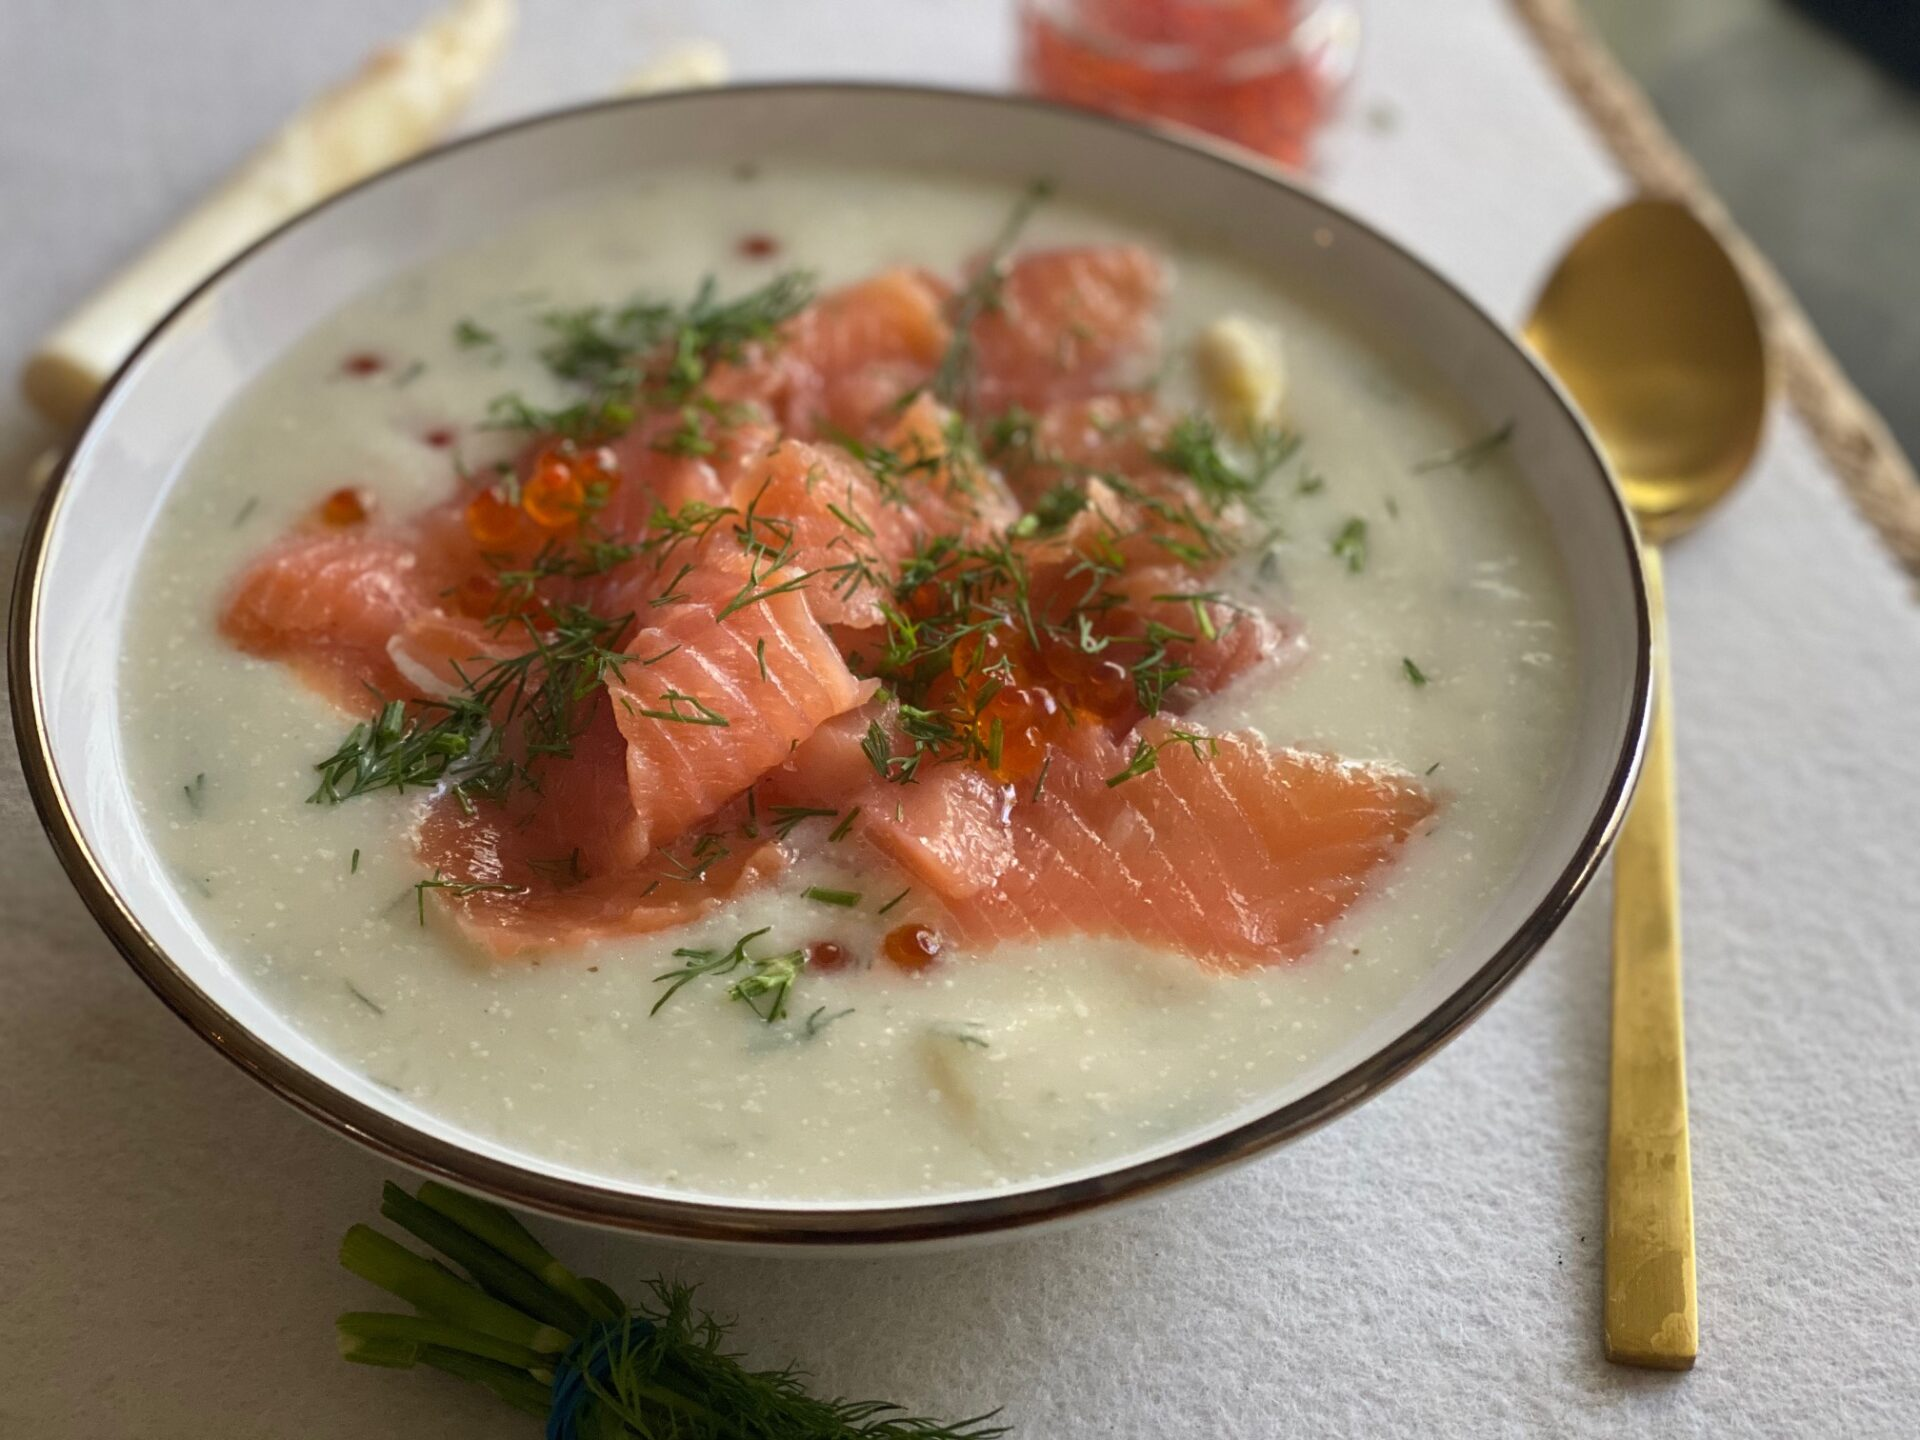 Asperge roomsoep met gravad lax - Zelf aspergesoep maken - Foodblog Foodinista